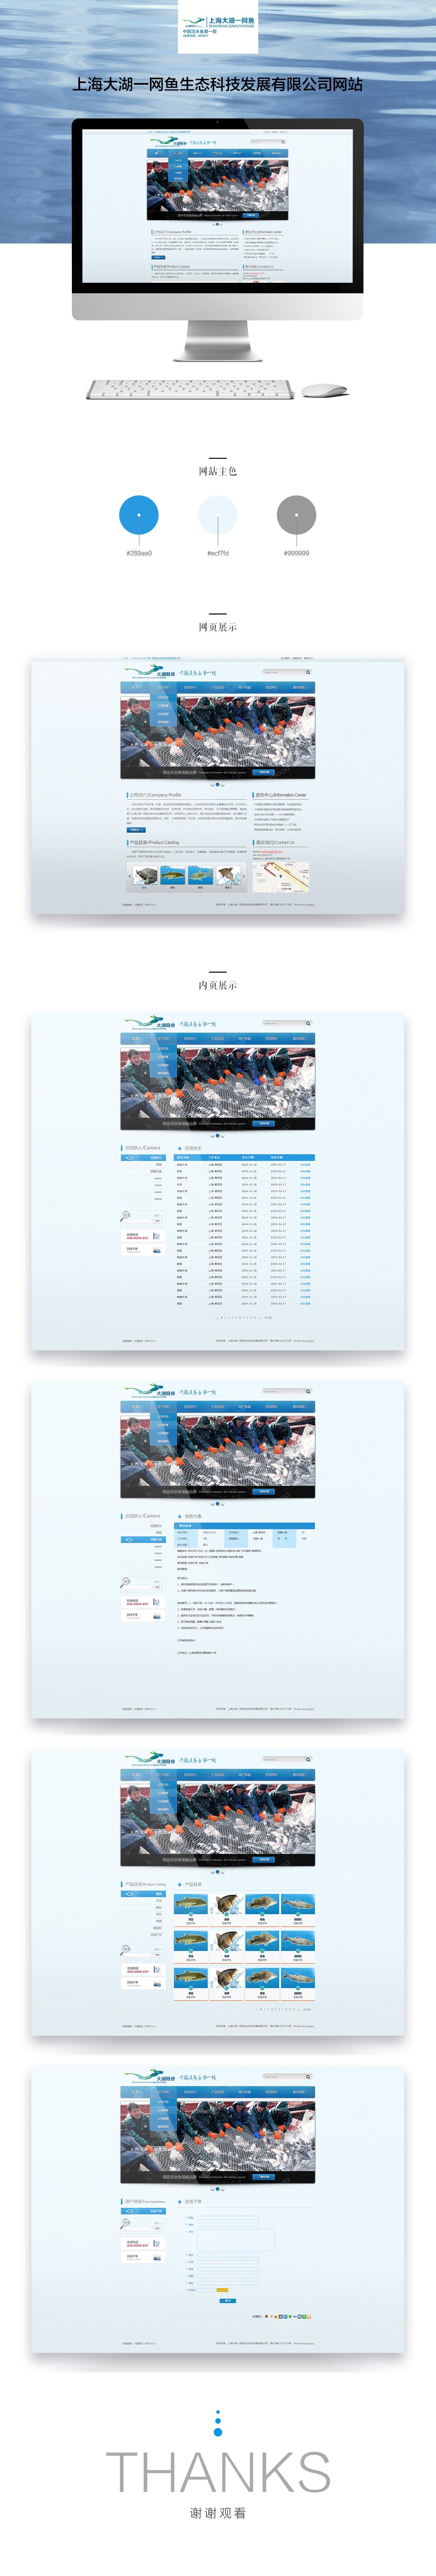 公司網站建設案例之大湖一網魚生態科技發展公司